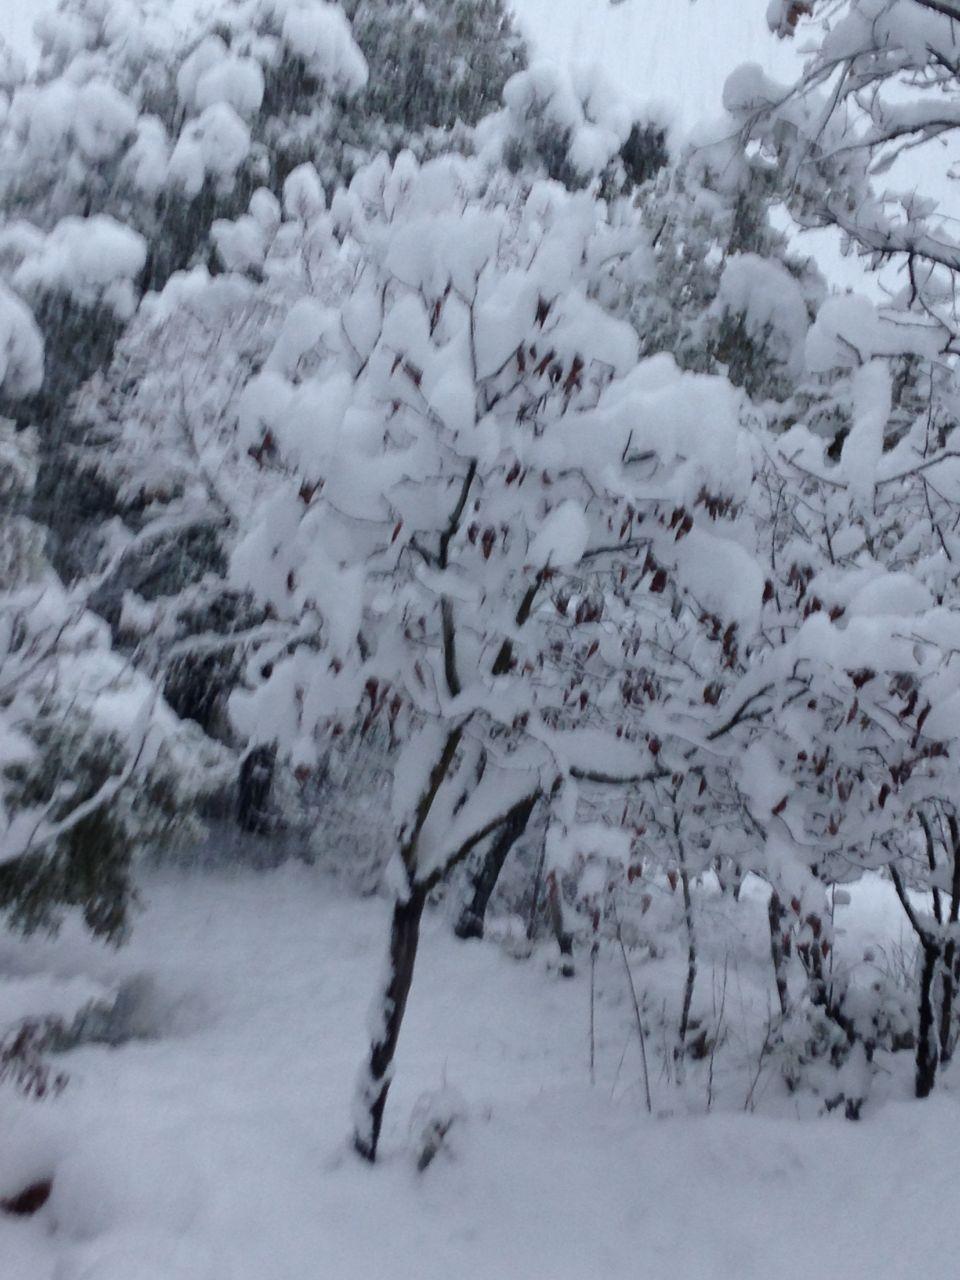 Le var sous la neige ... déjà 3 fois cet hivers du jamais vu ... c'est beau mais c'est FROID !!!